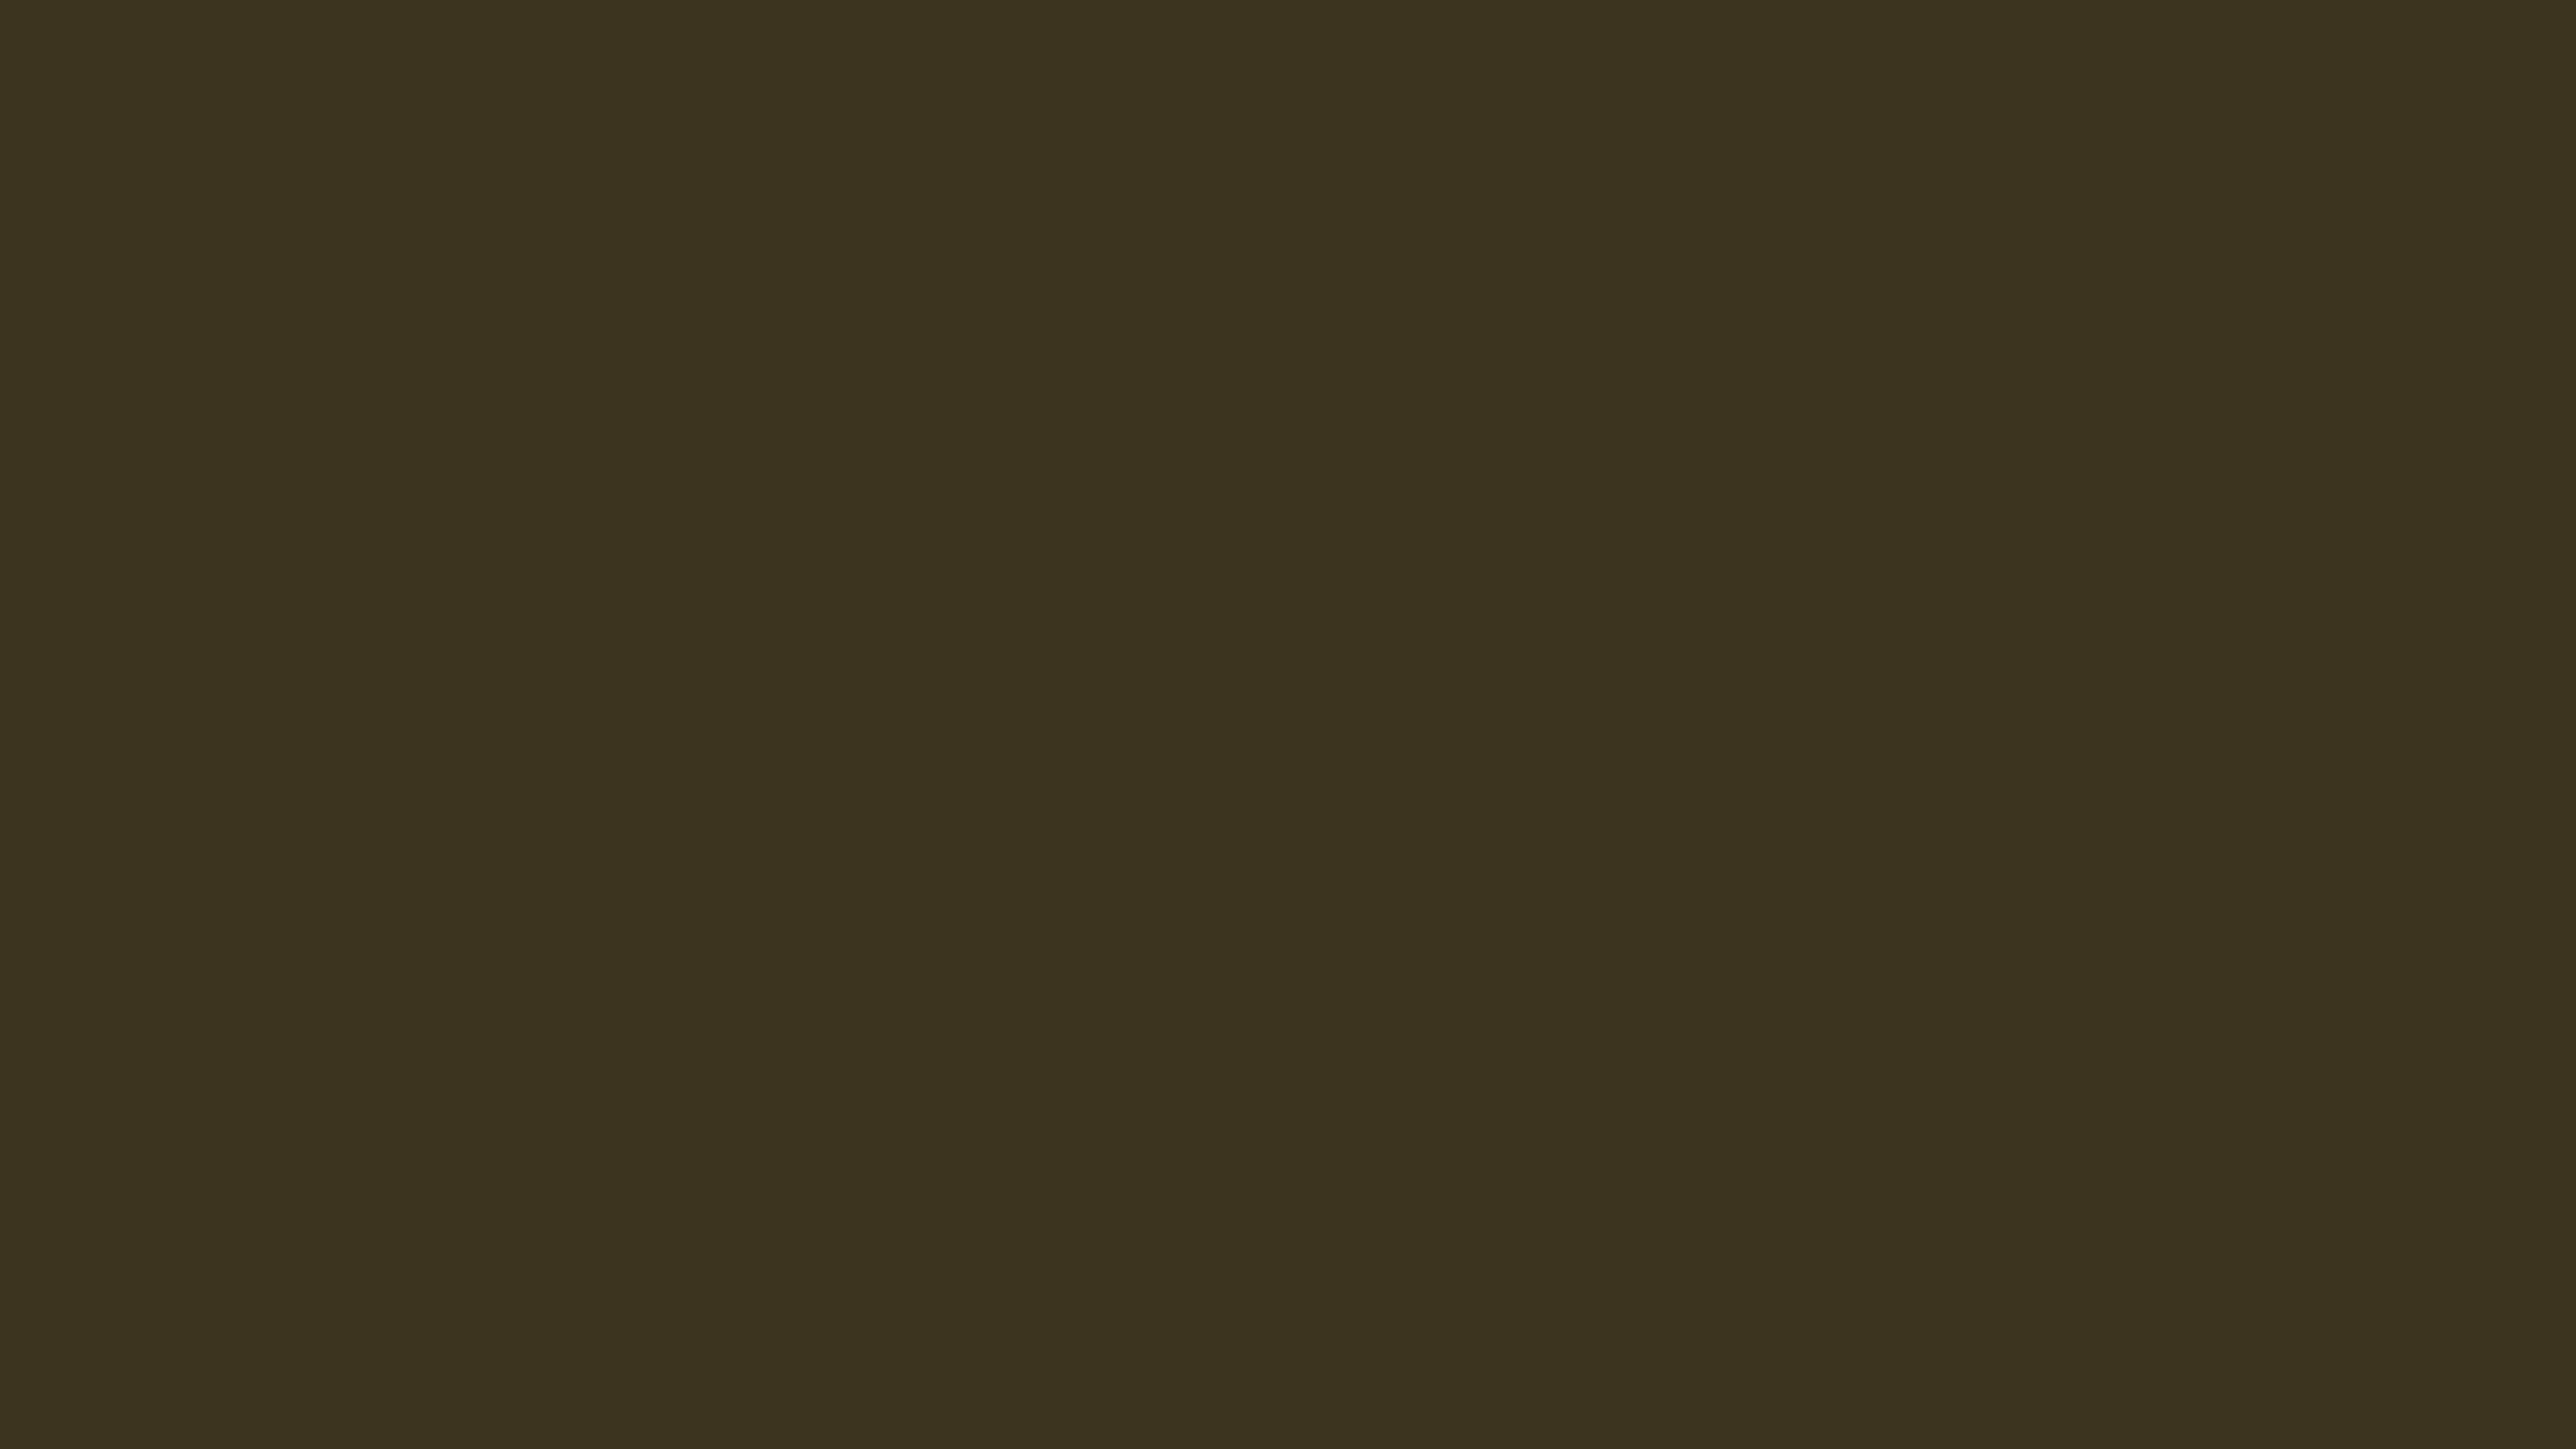 Olive drab number seven solid color background 5120x2880